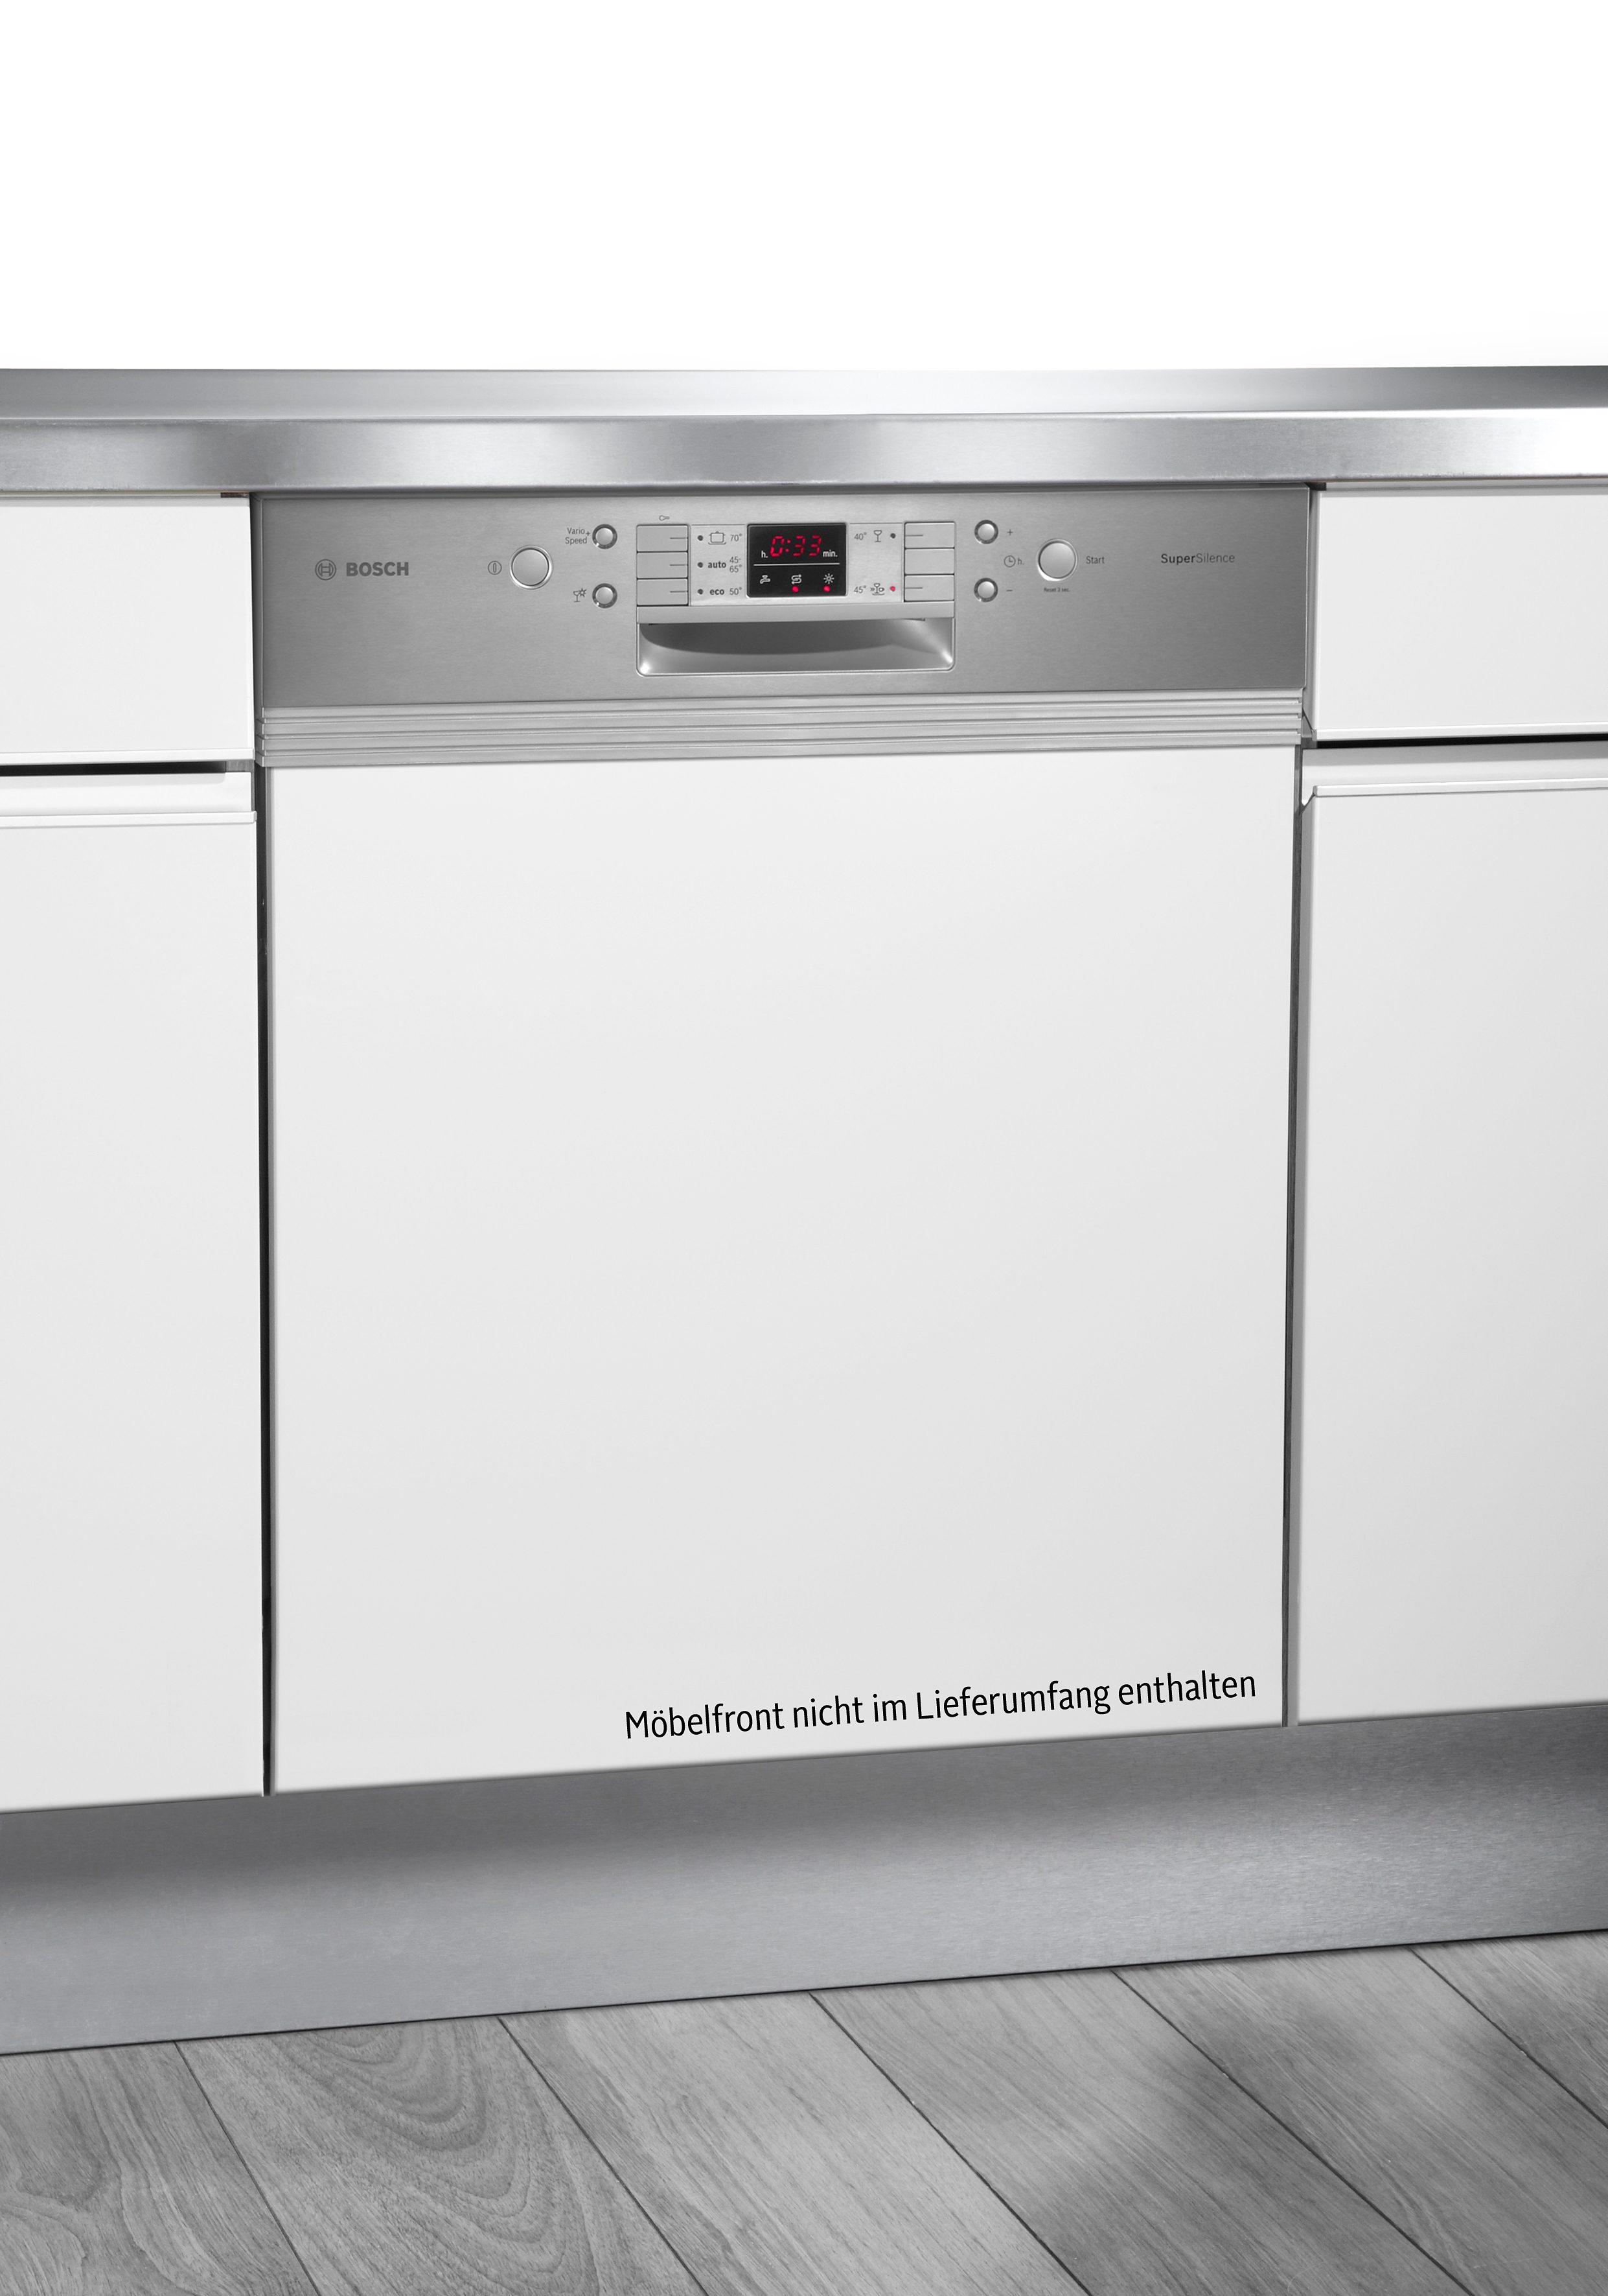 Bosch ActiveWater Geschirrspüler Integrierbar SMI54M35EU, Energieklasse A+++